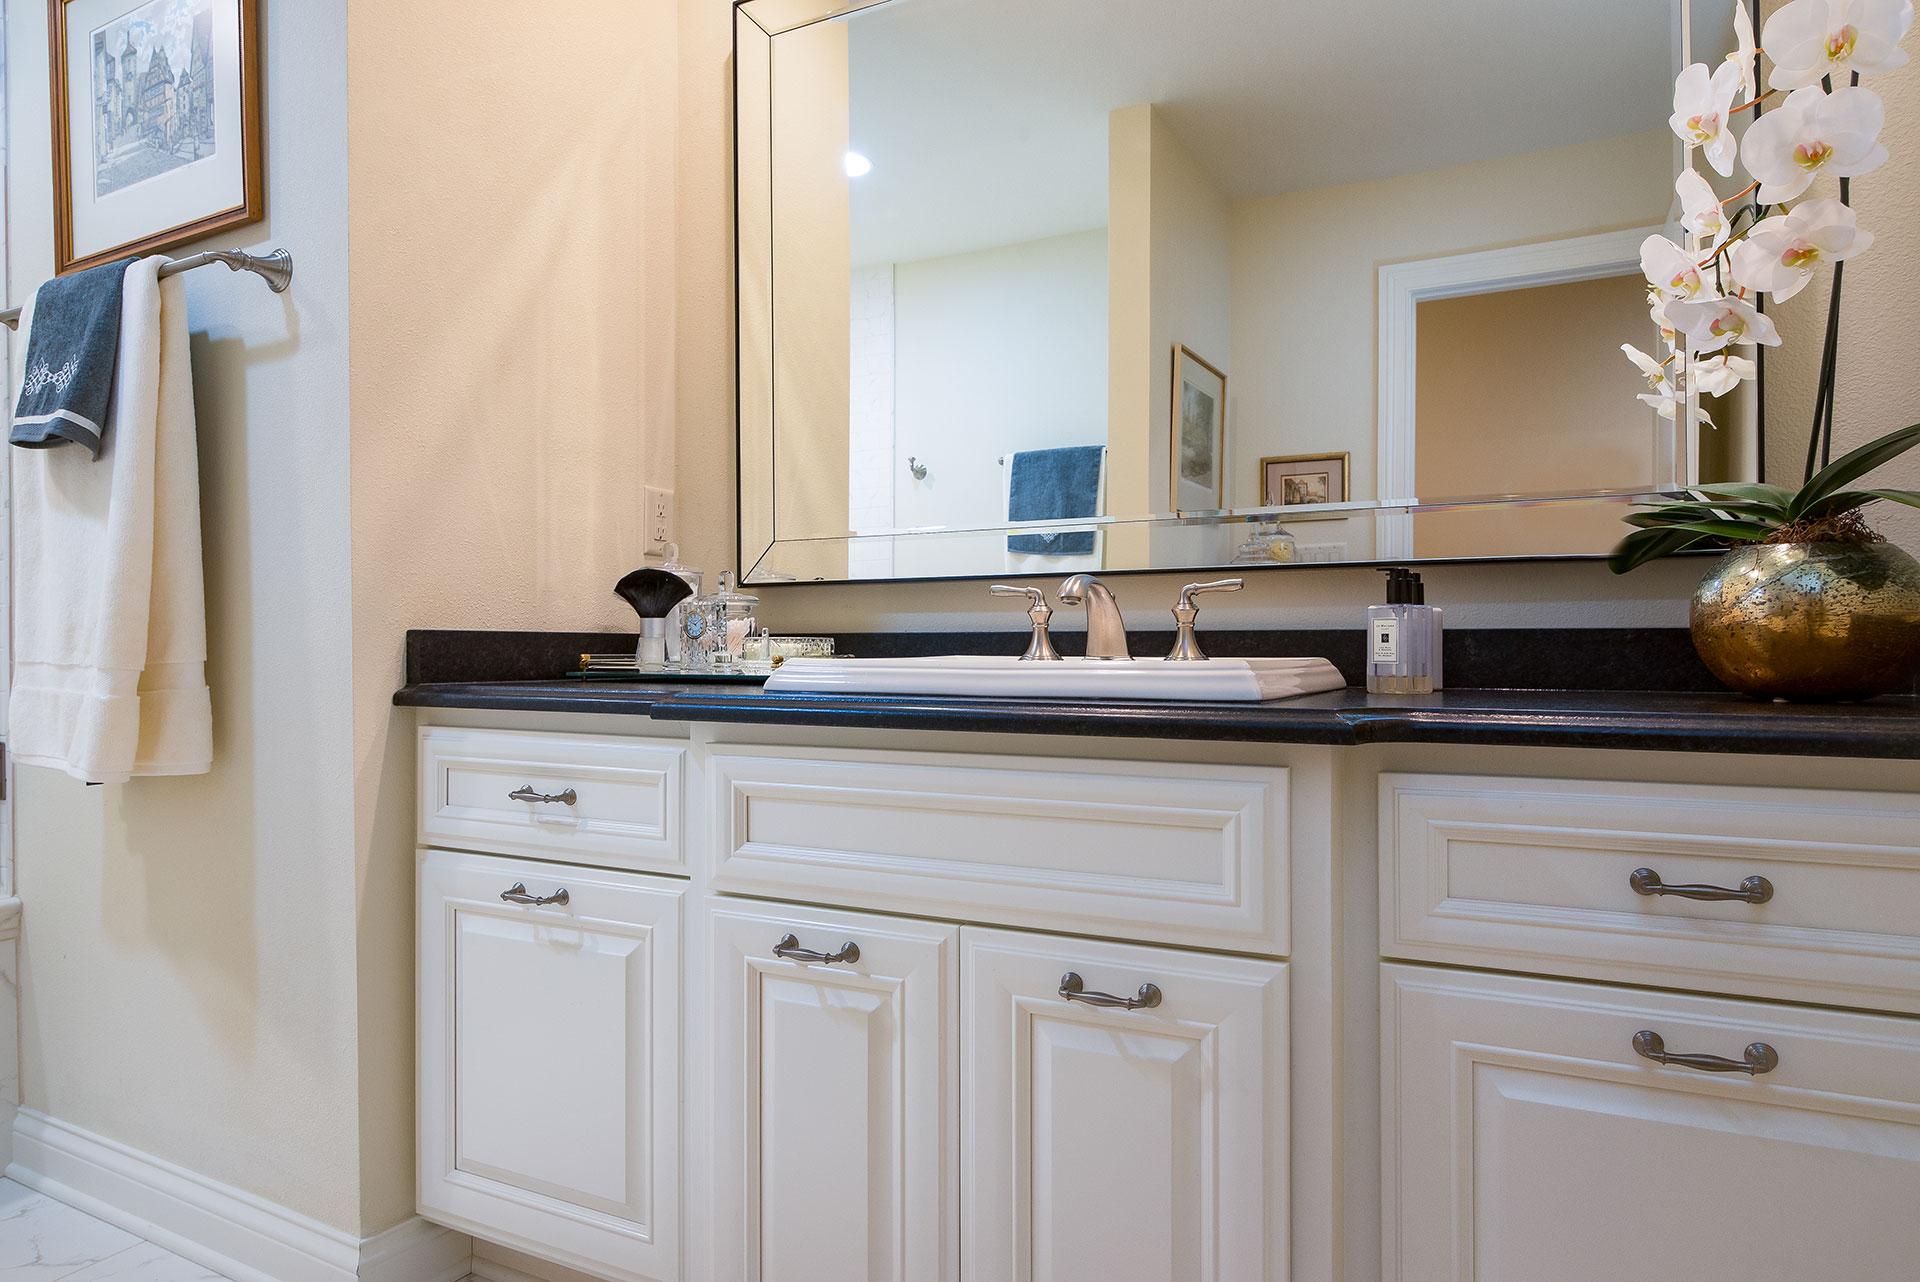 White Cabinets And Black Granite